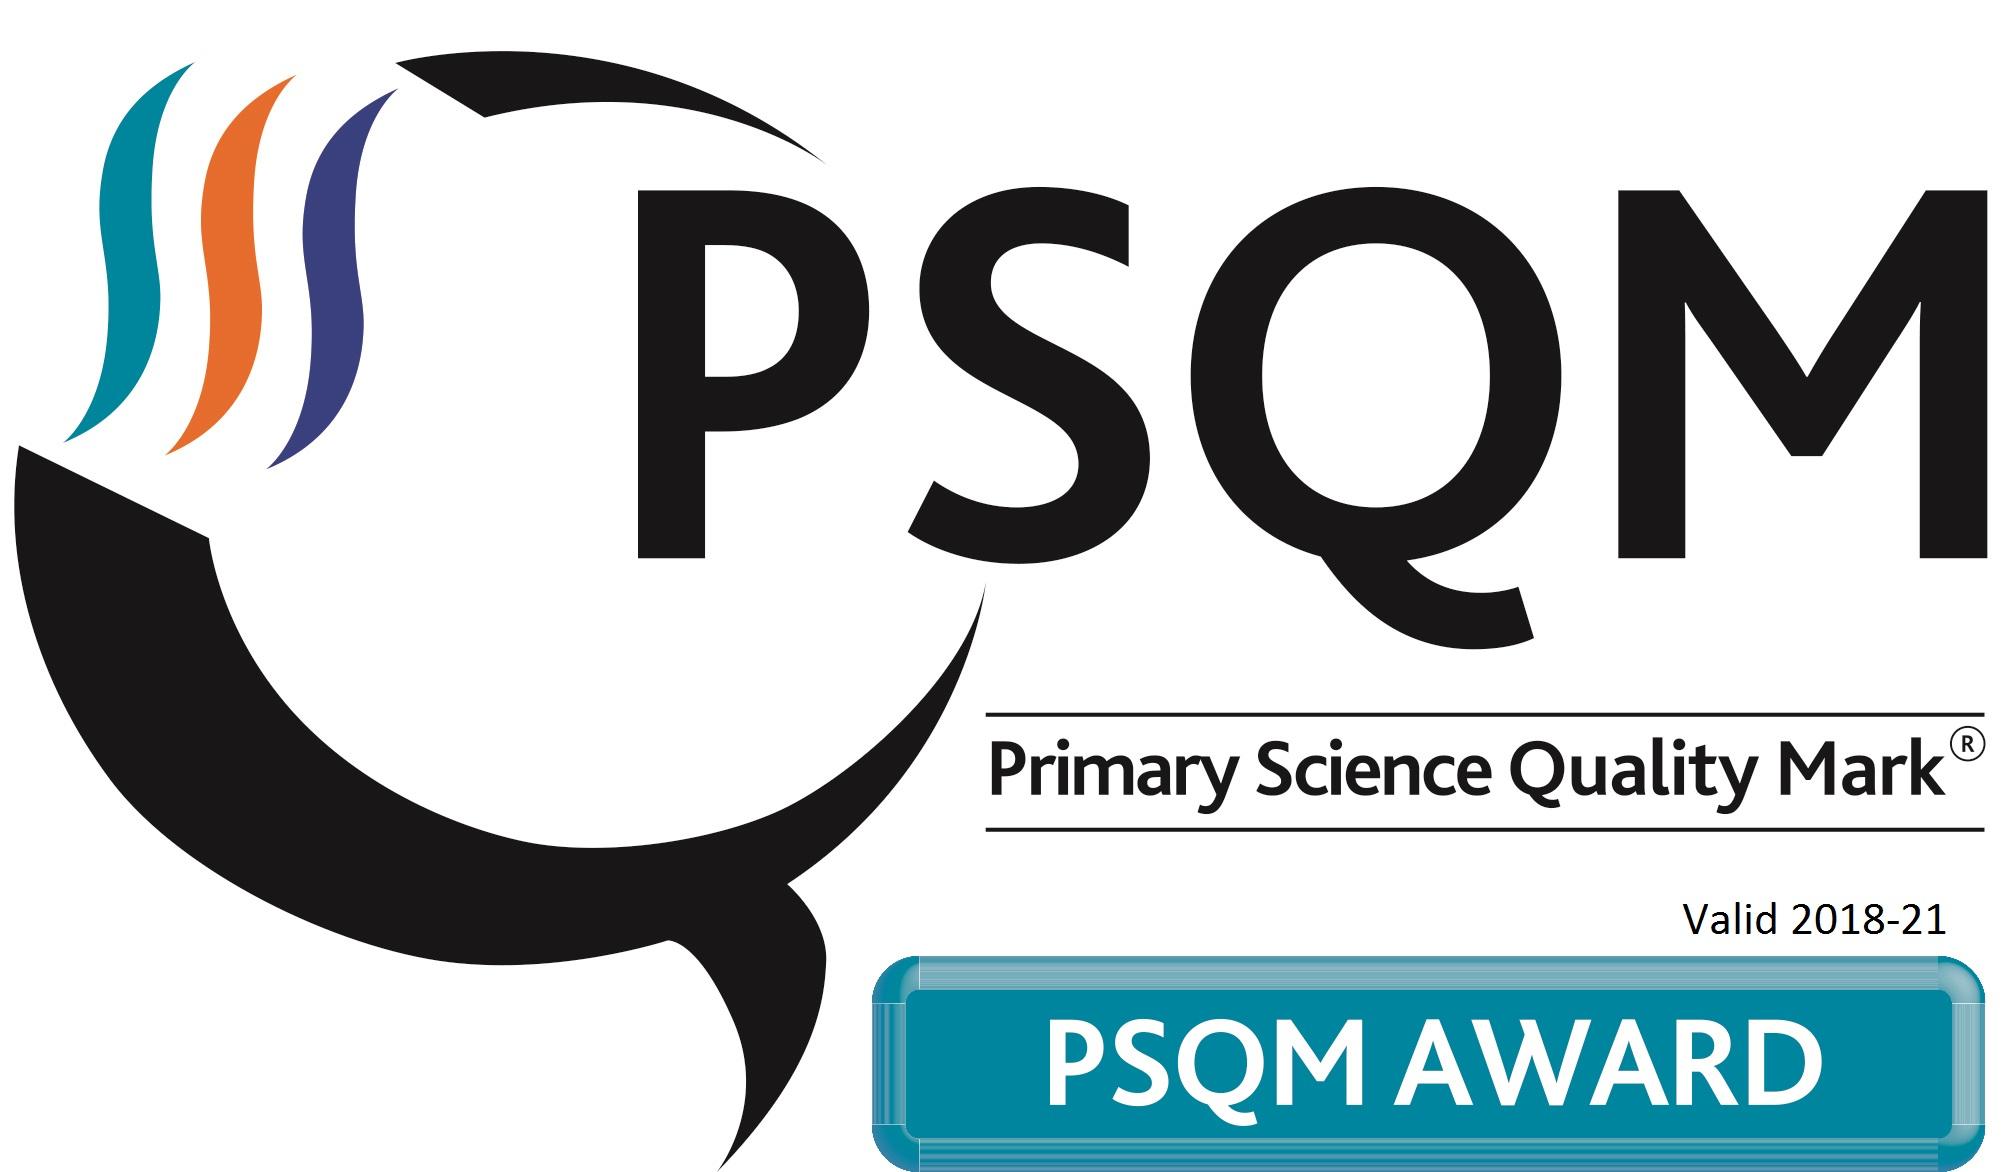 Psqm award 2018